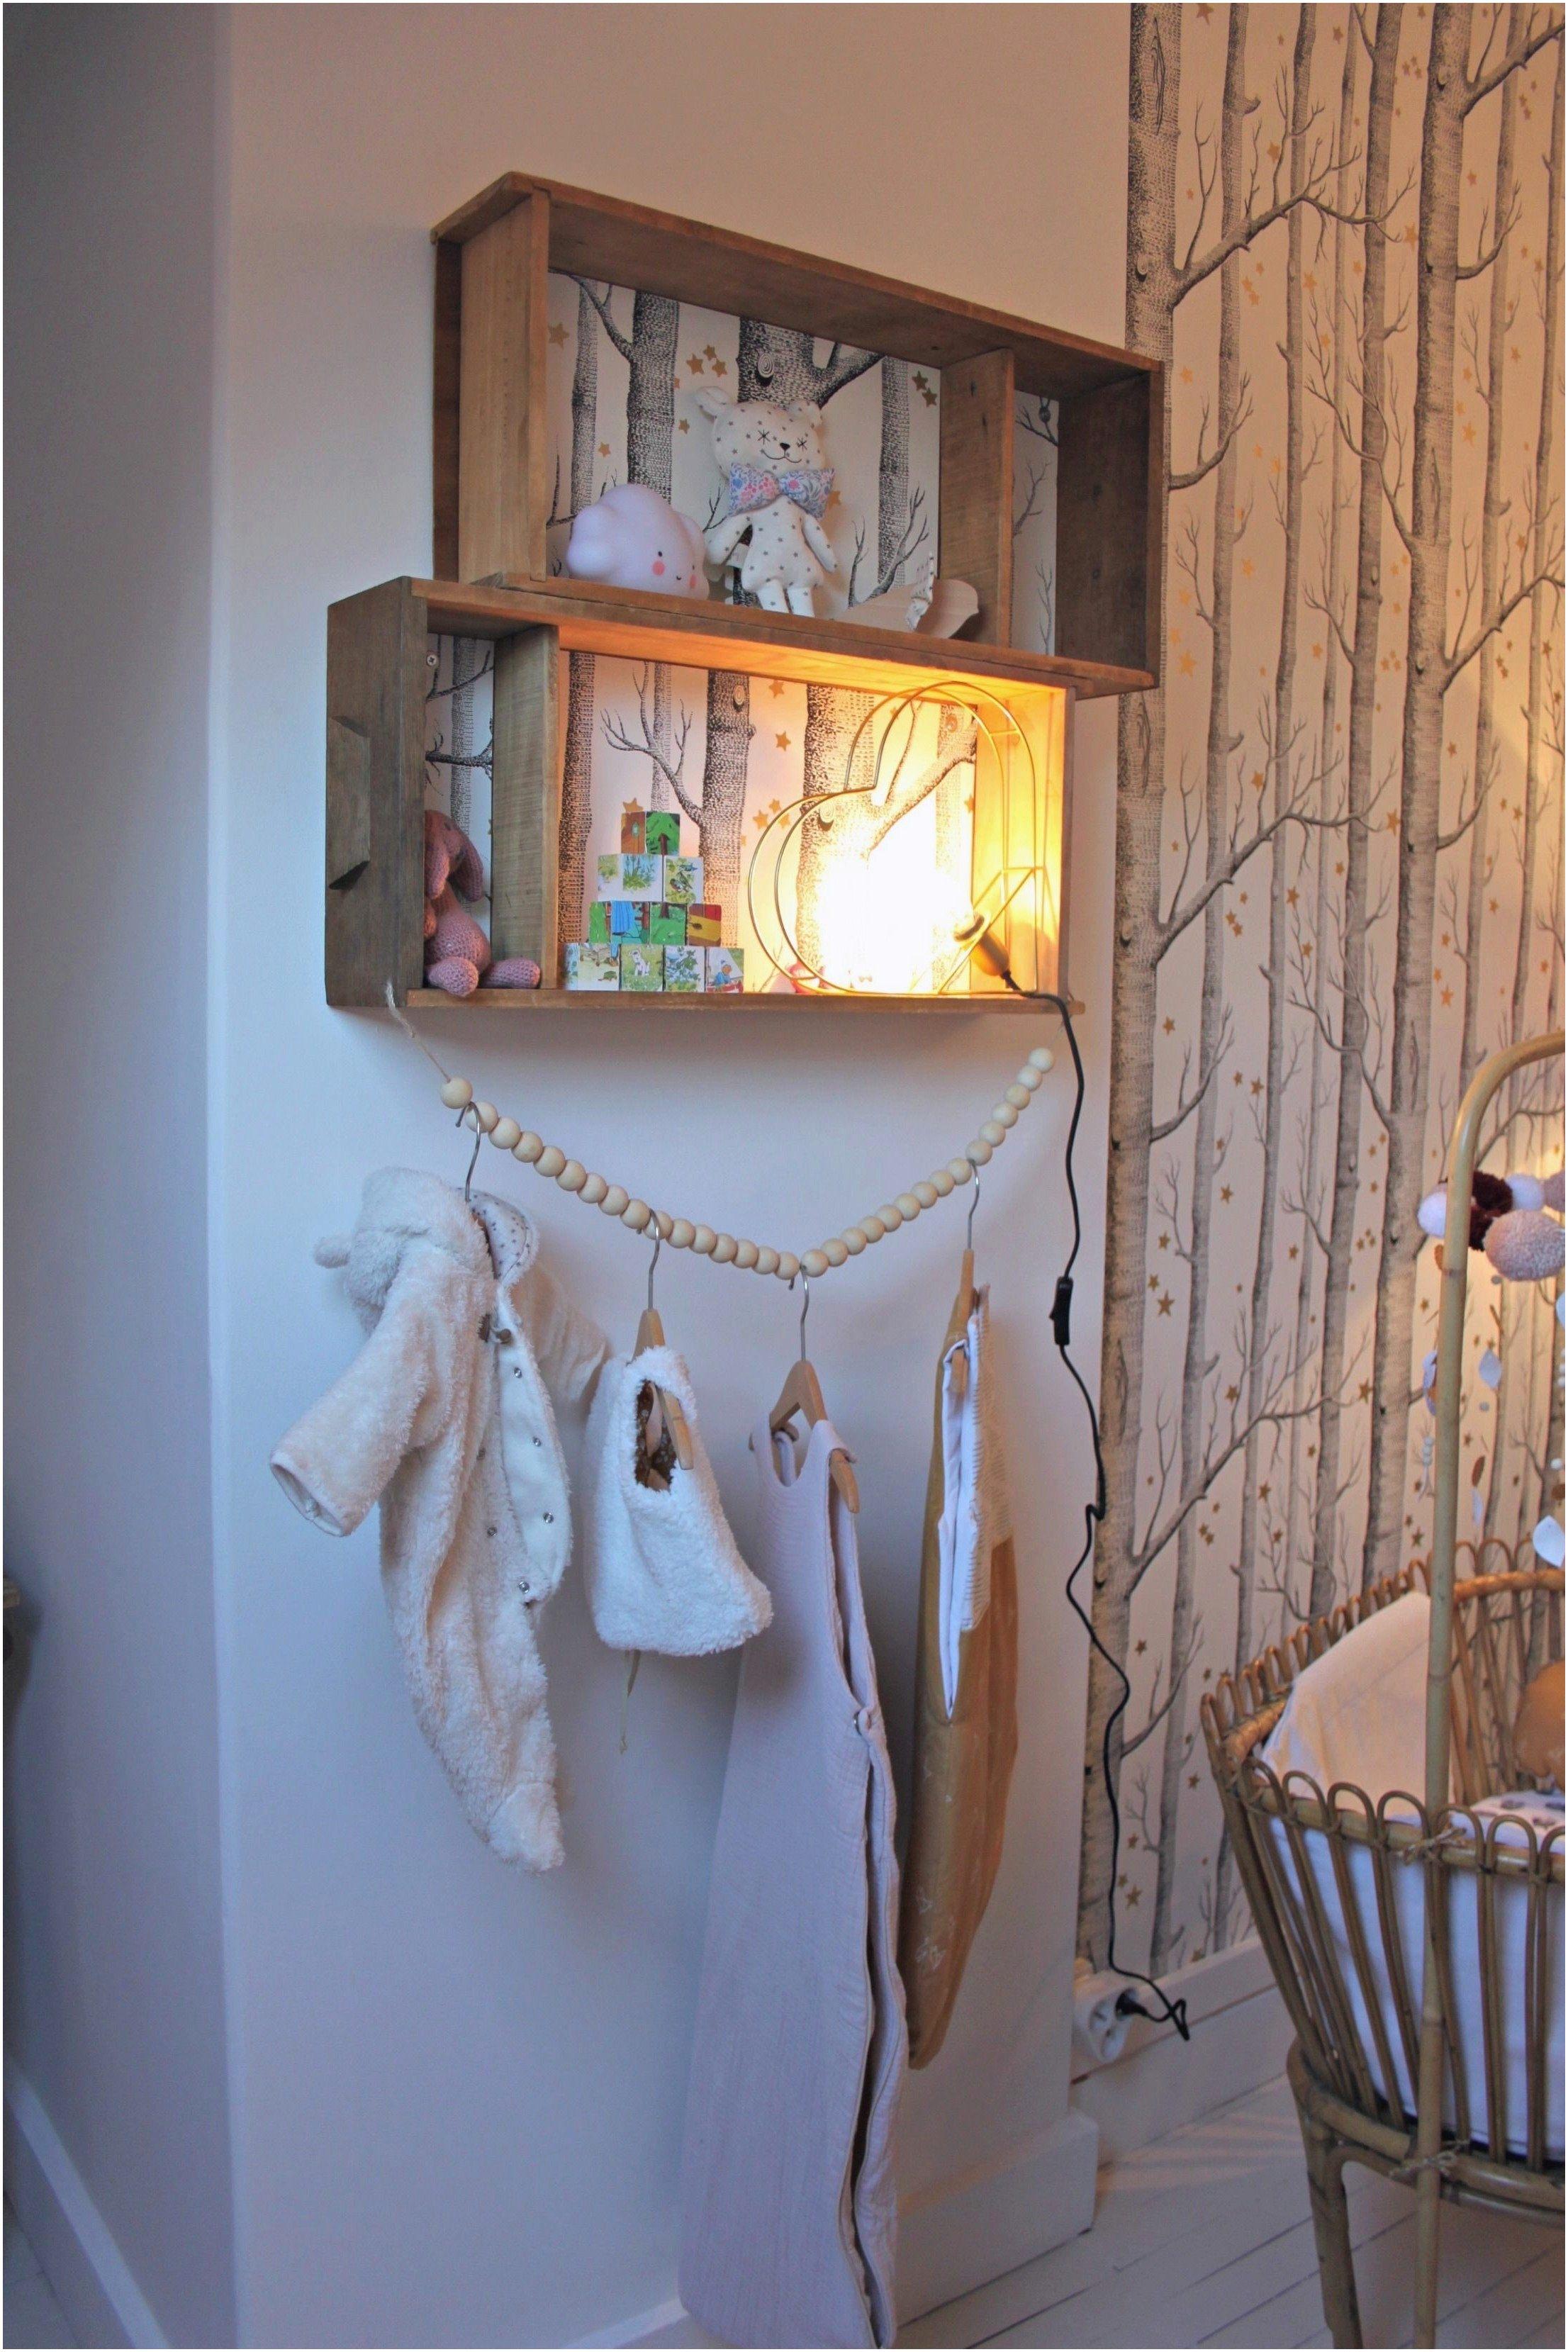 Lit Alinea 2 Places Joli Enchanteur Armoire De Chambre Conforama Et Armoire Lit Bureau Lit